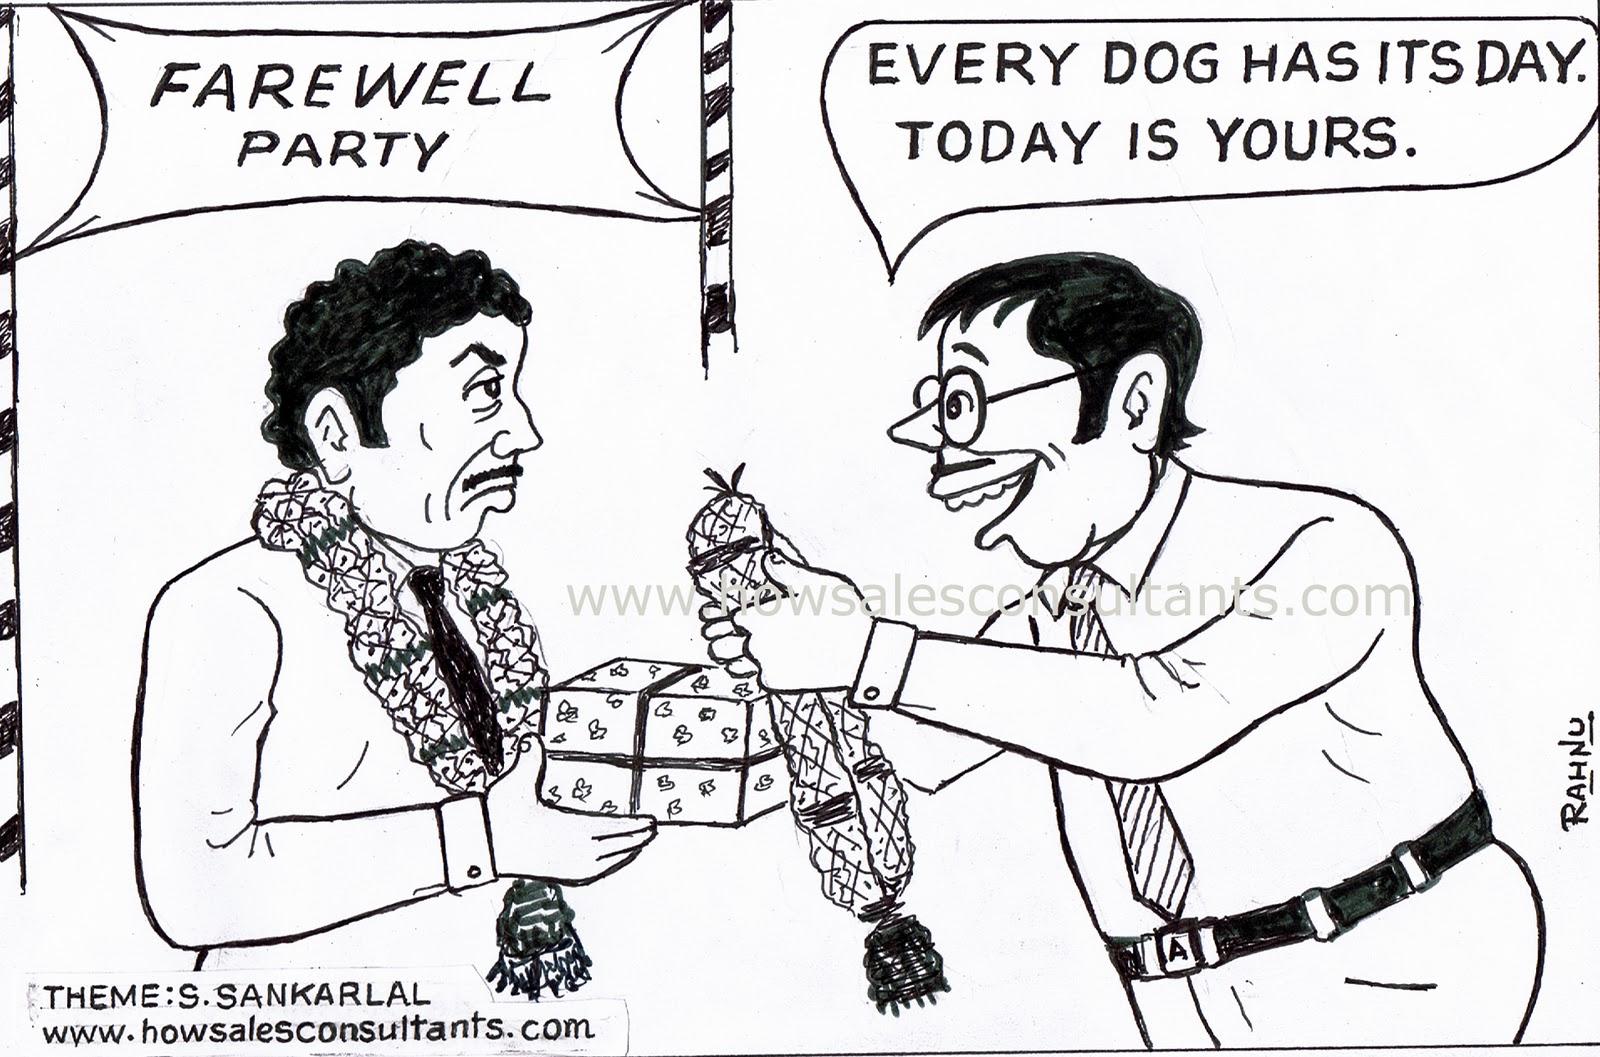 Sankarlal S Cartoons Farewell Party